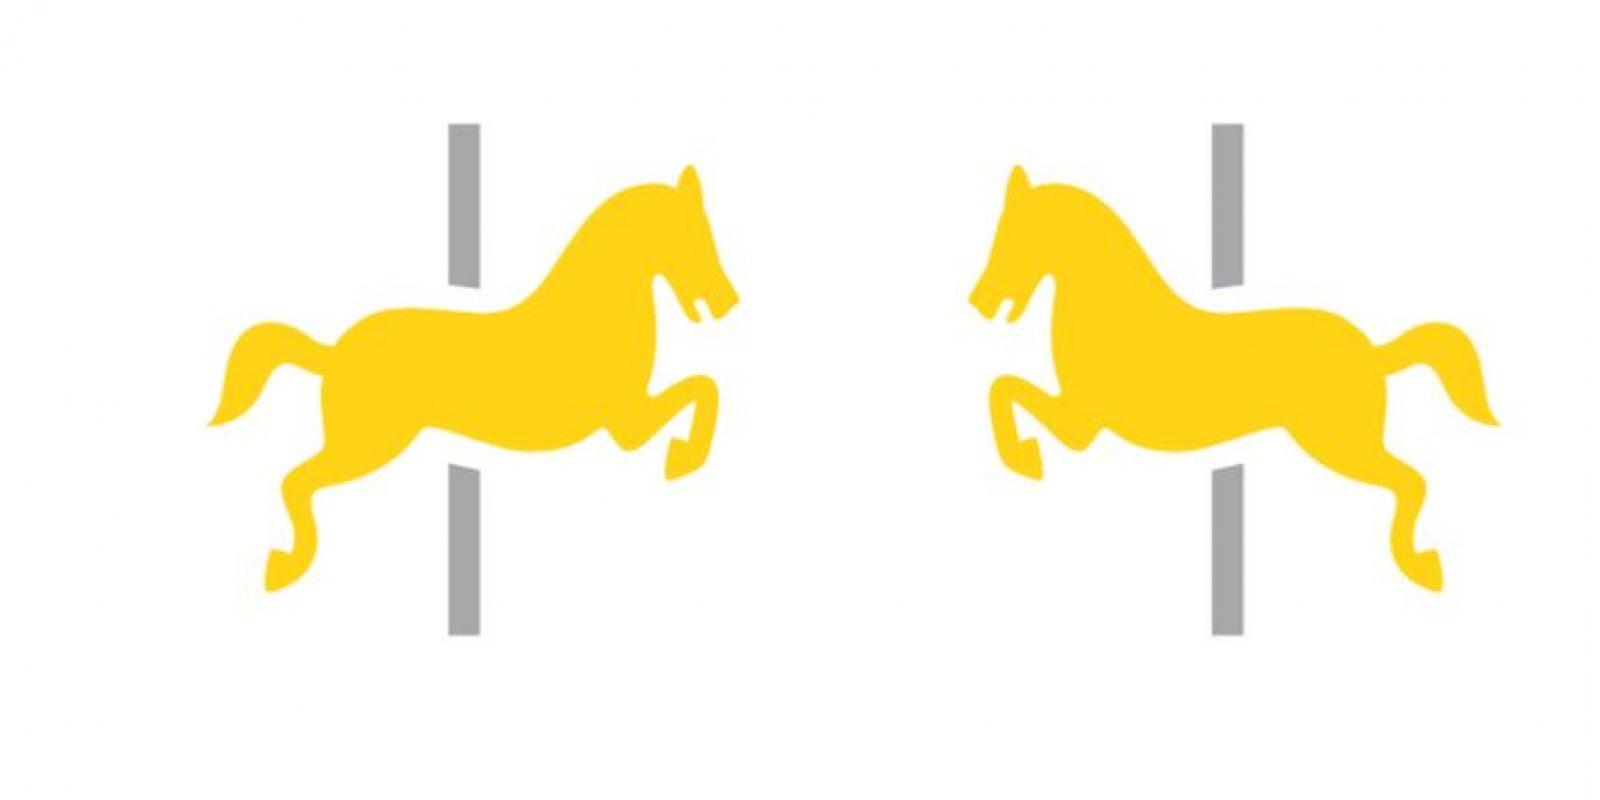 El dibujo que representa el carrusel cambió de perfil Foto:Emojipedia